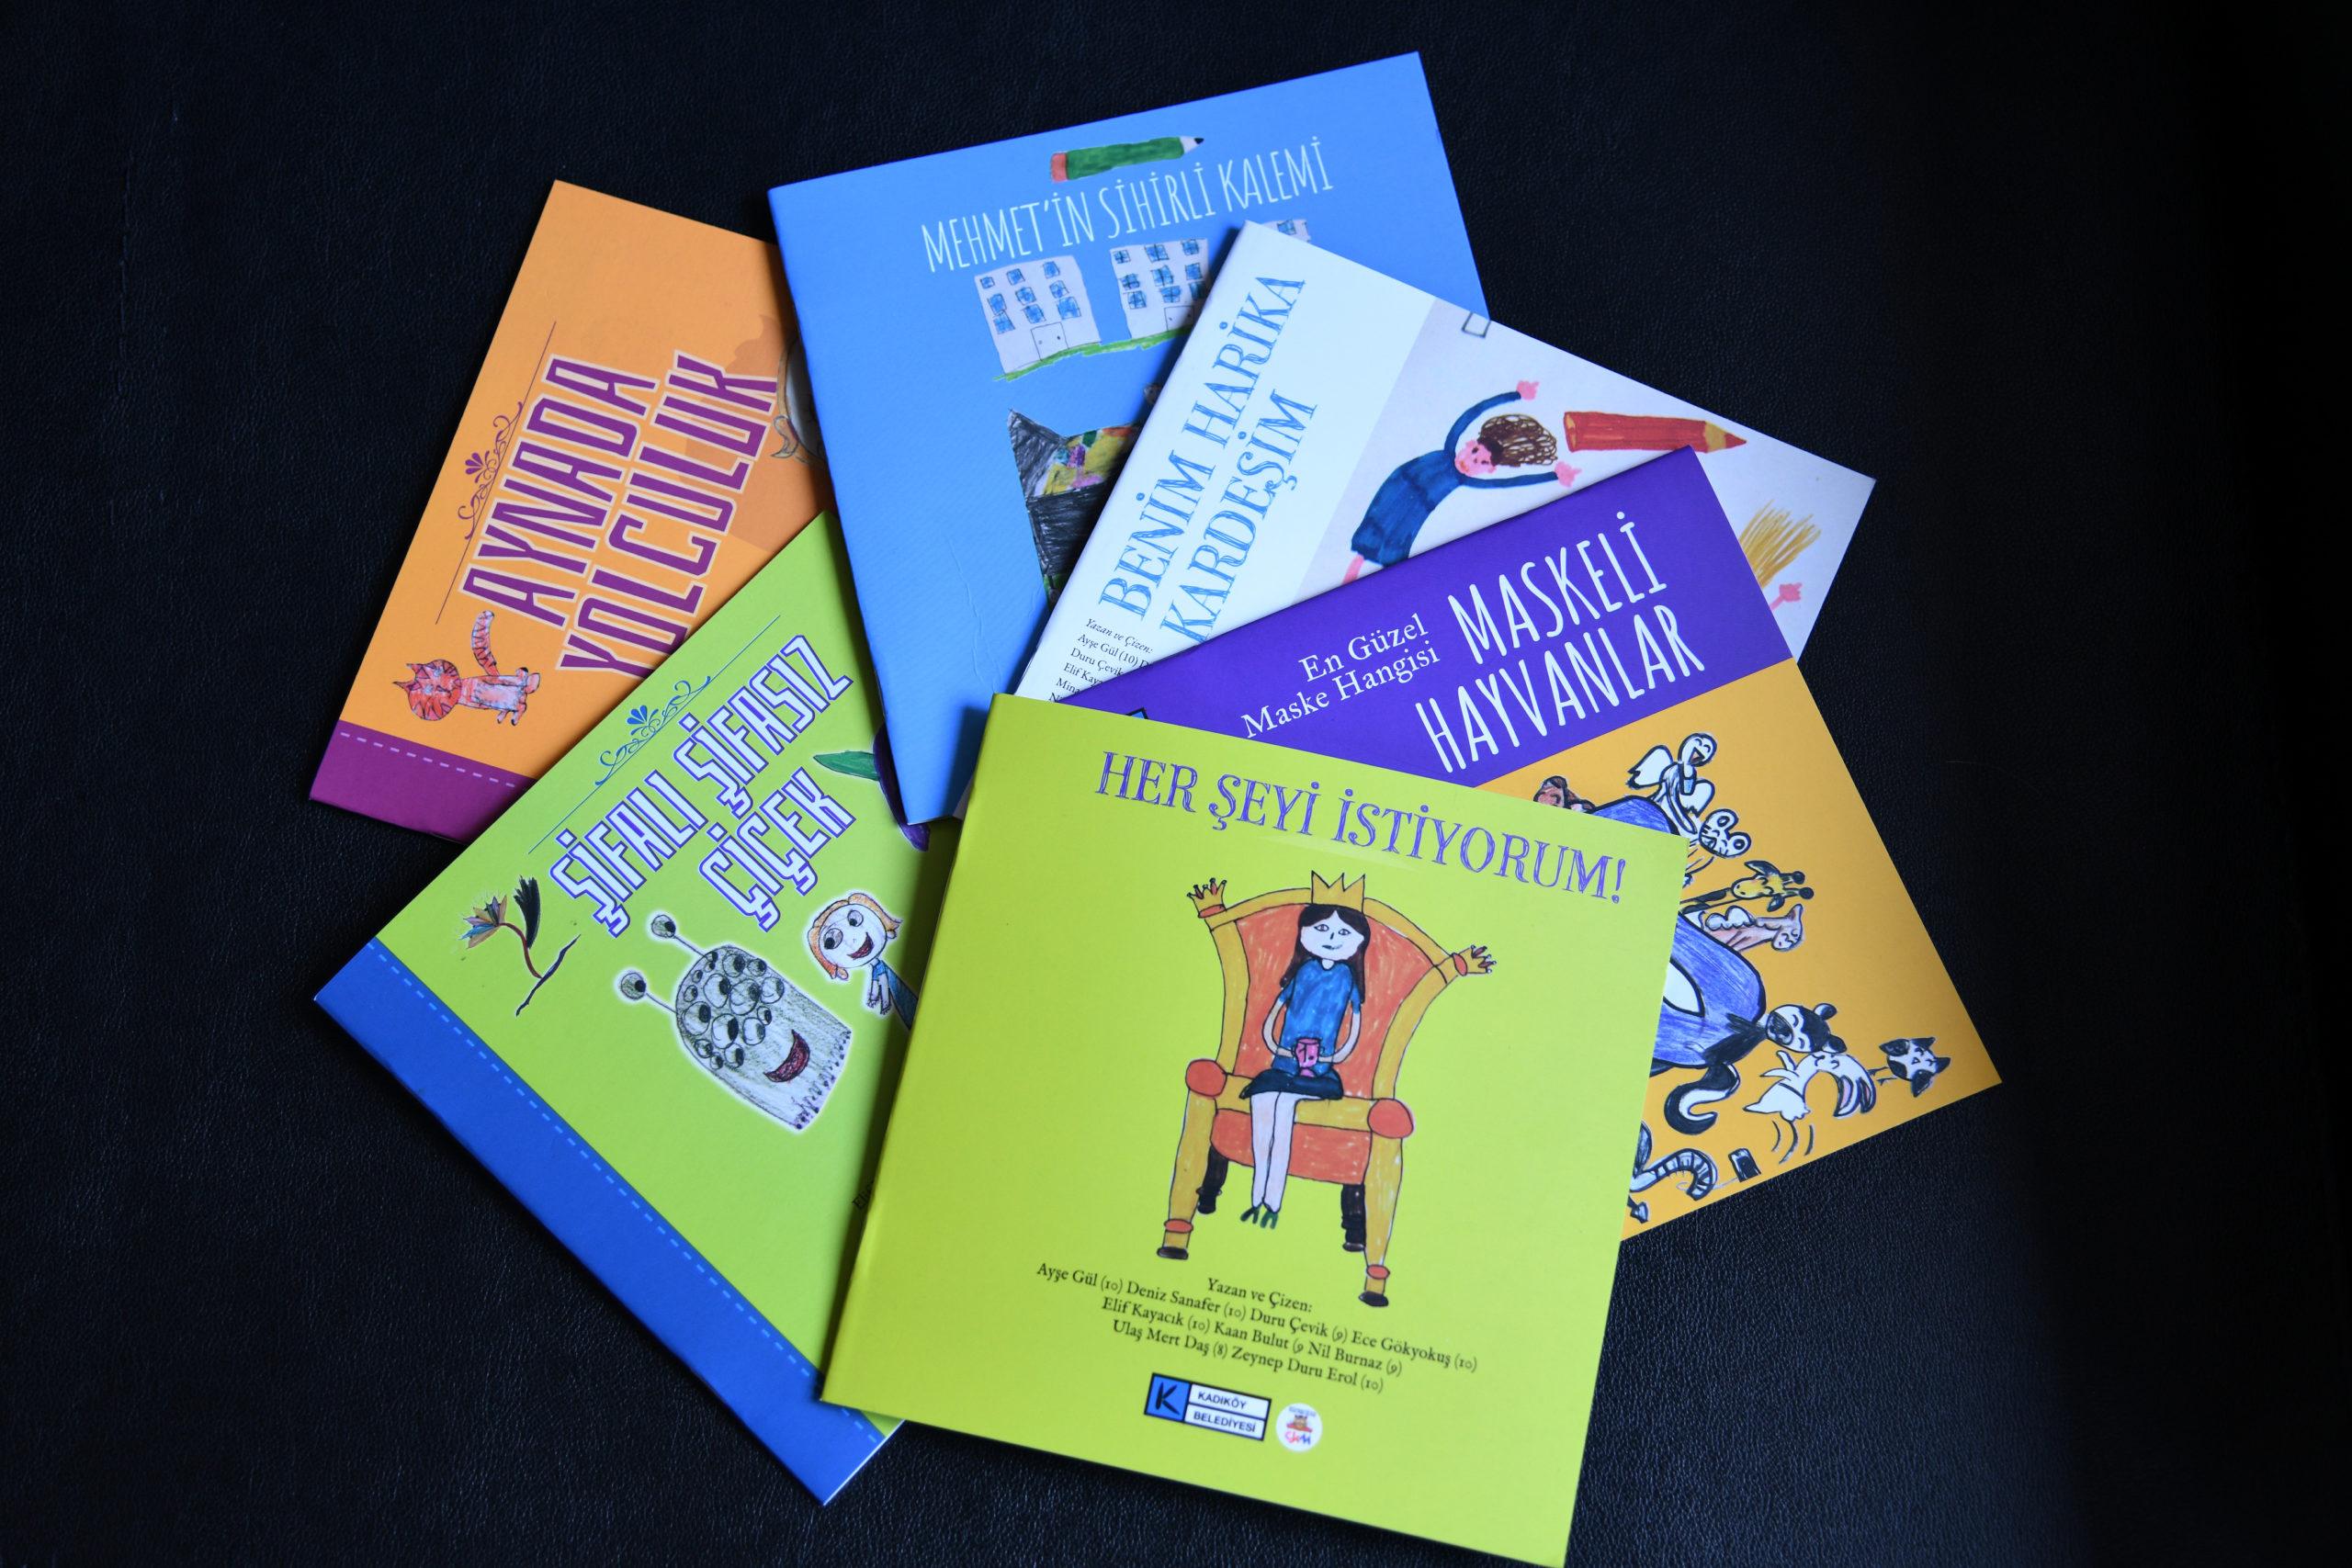 Kadıköy'de Çocuklar Kendi Kitaplarını Yaptılar